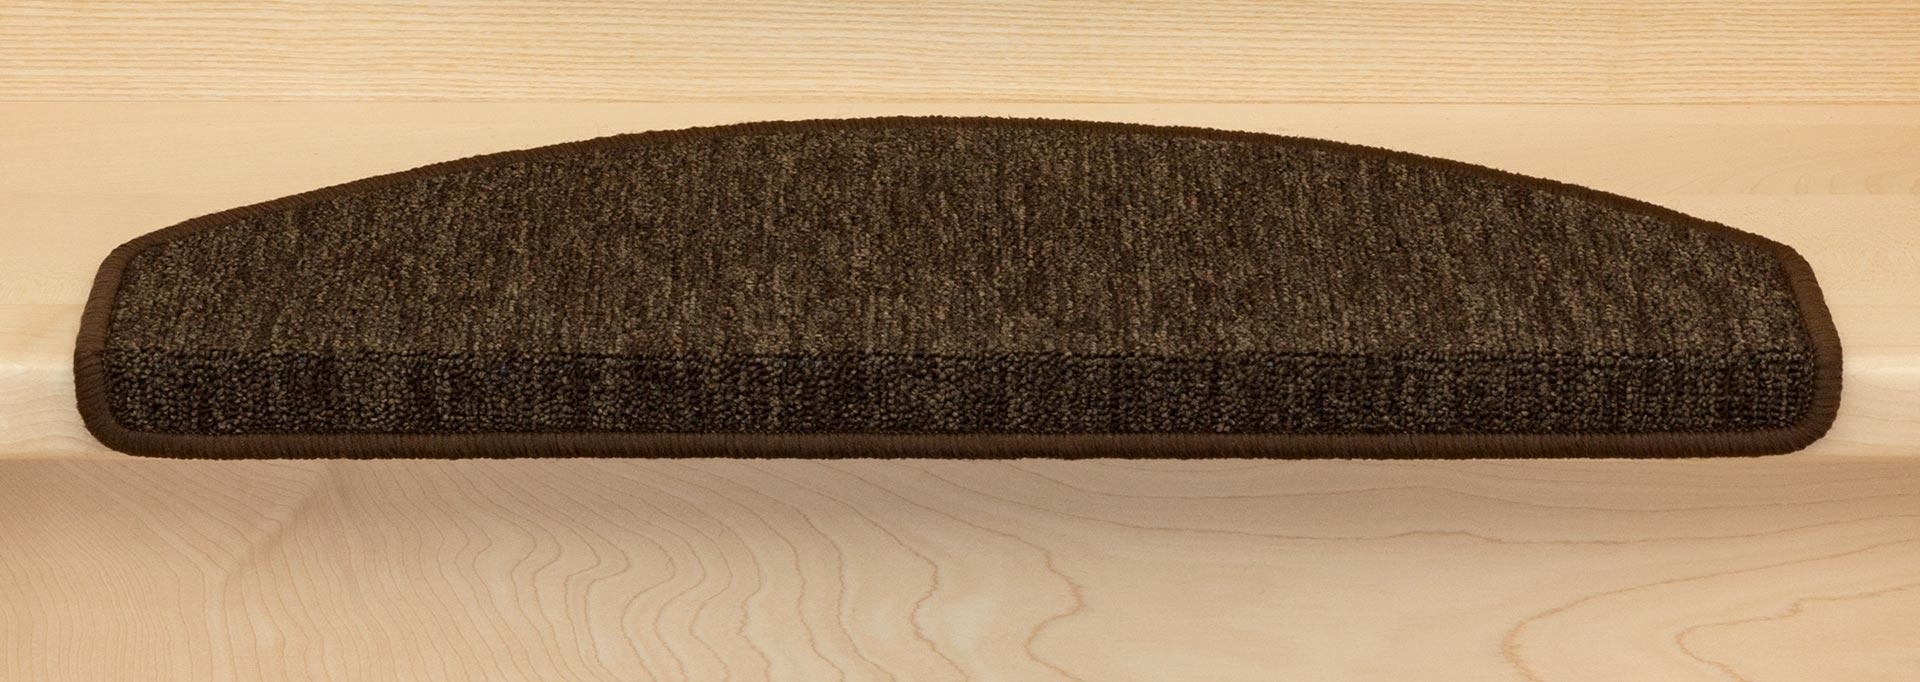 Stufenmatten-Rambo-New-versch-Farb-u-Set-Varianten-10-30-Stk-amp-Fleckentferner Indexbild 17